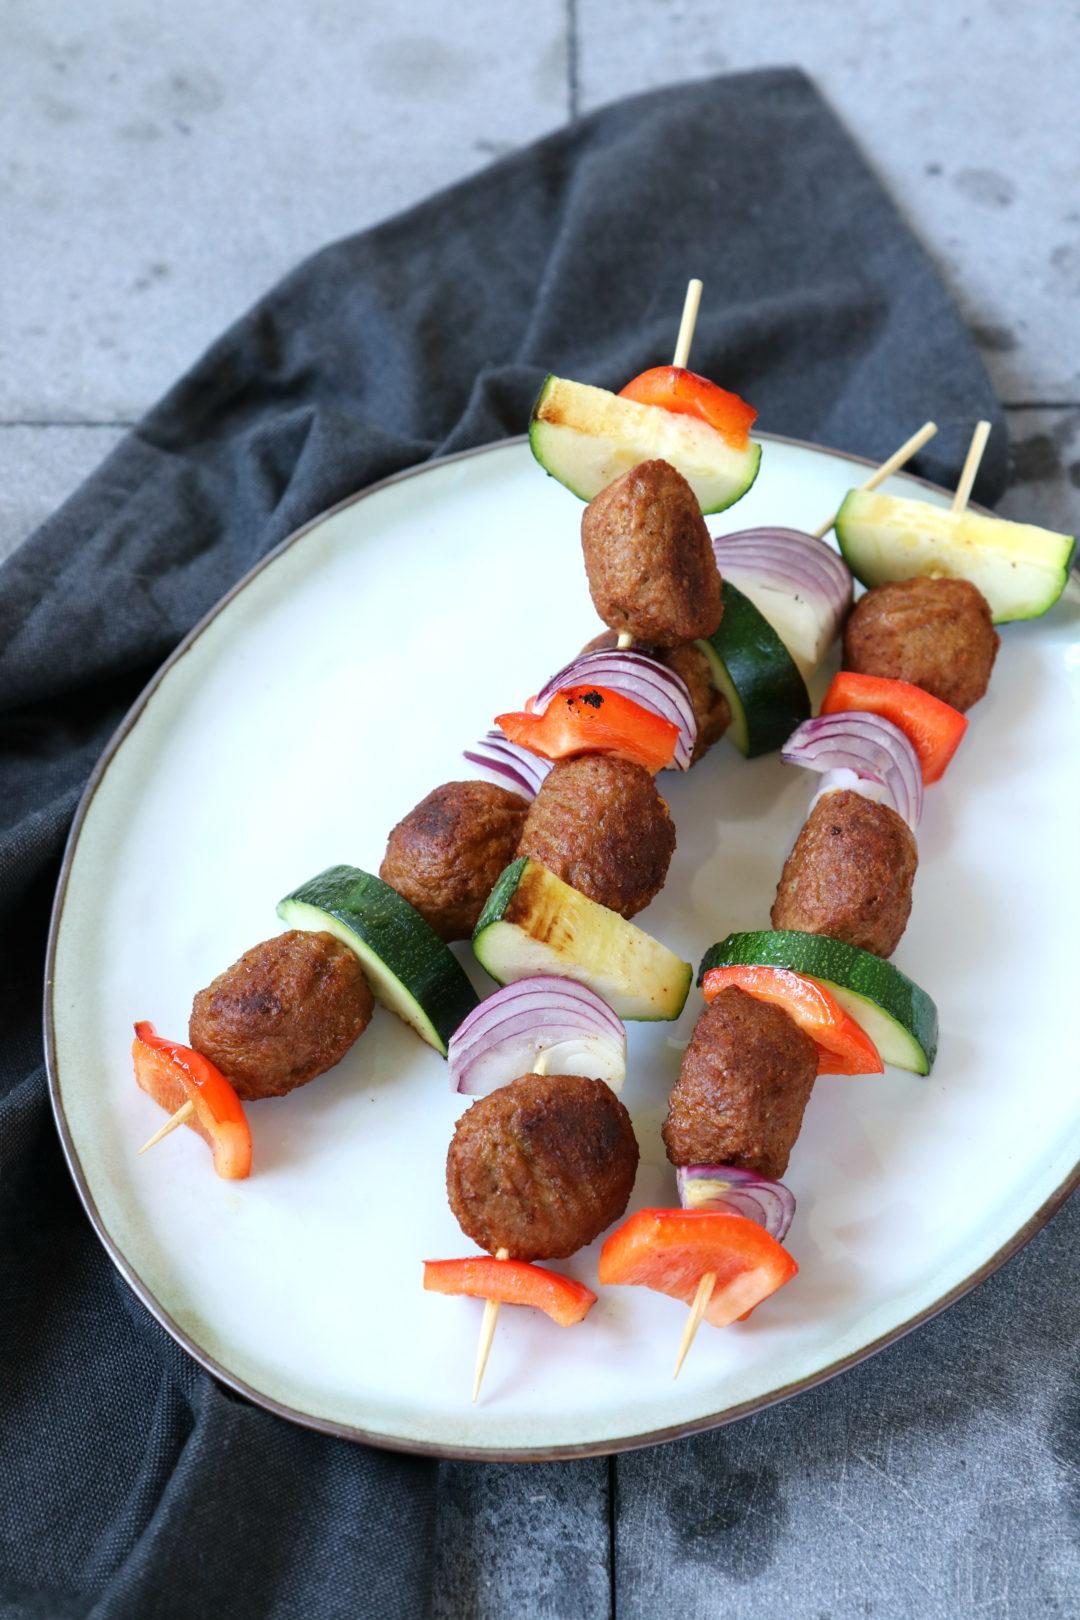 Recept vegetarische balletjes barbecue spies www.jaimyskitchen.nl